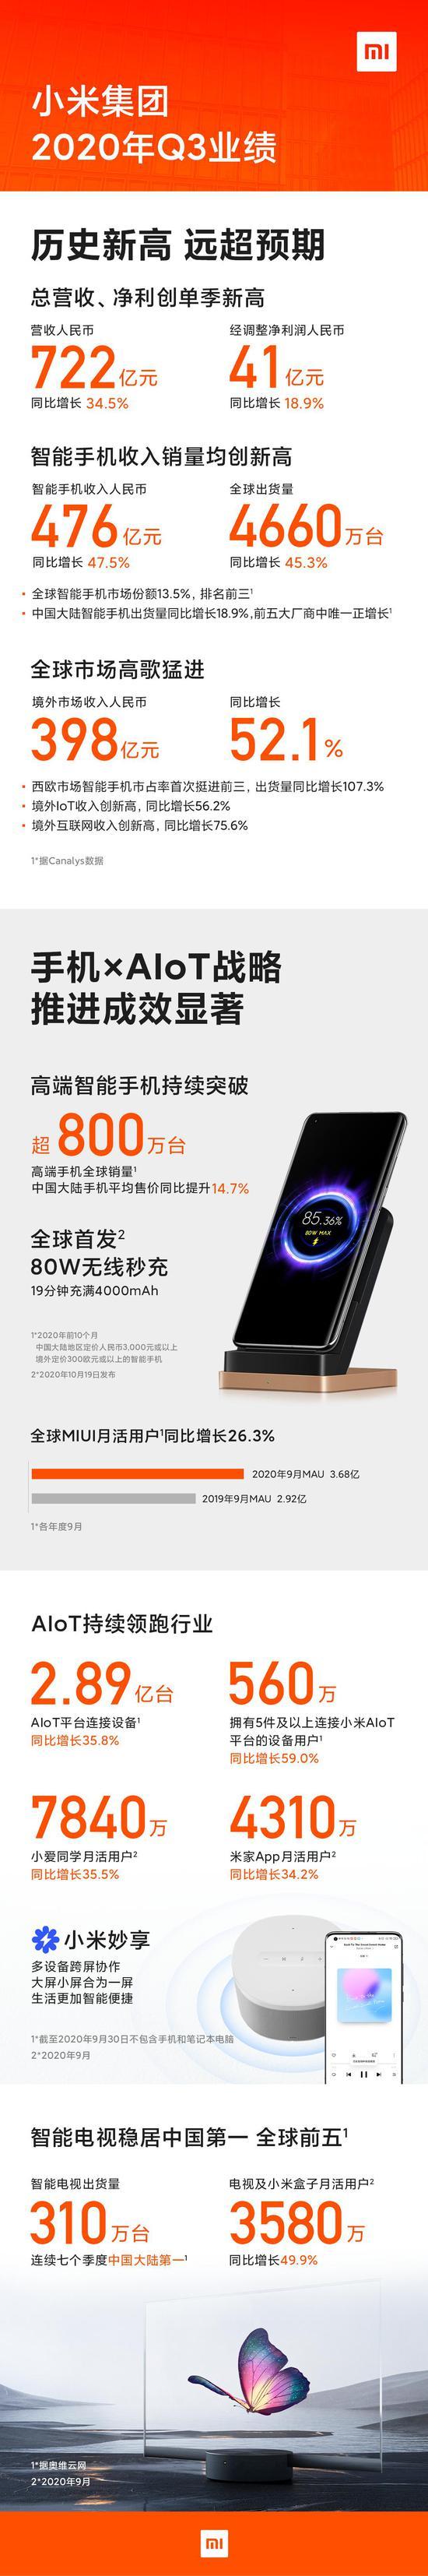 一图看懂小米业绩:智能手机全球第三 实现净利41亿